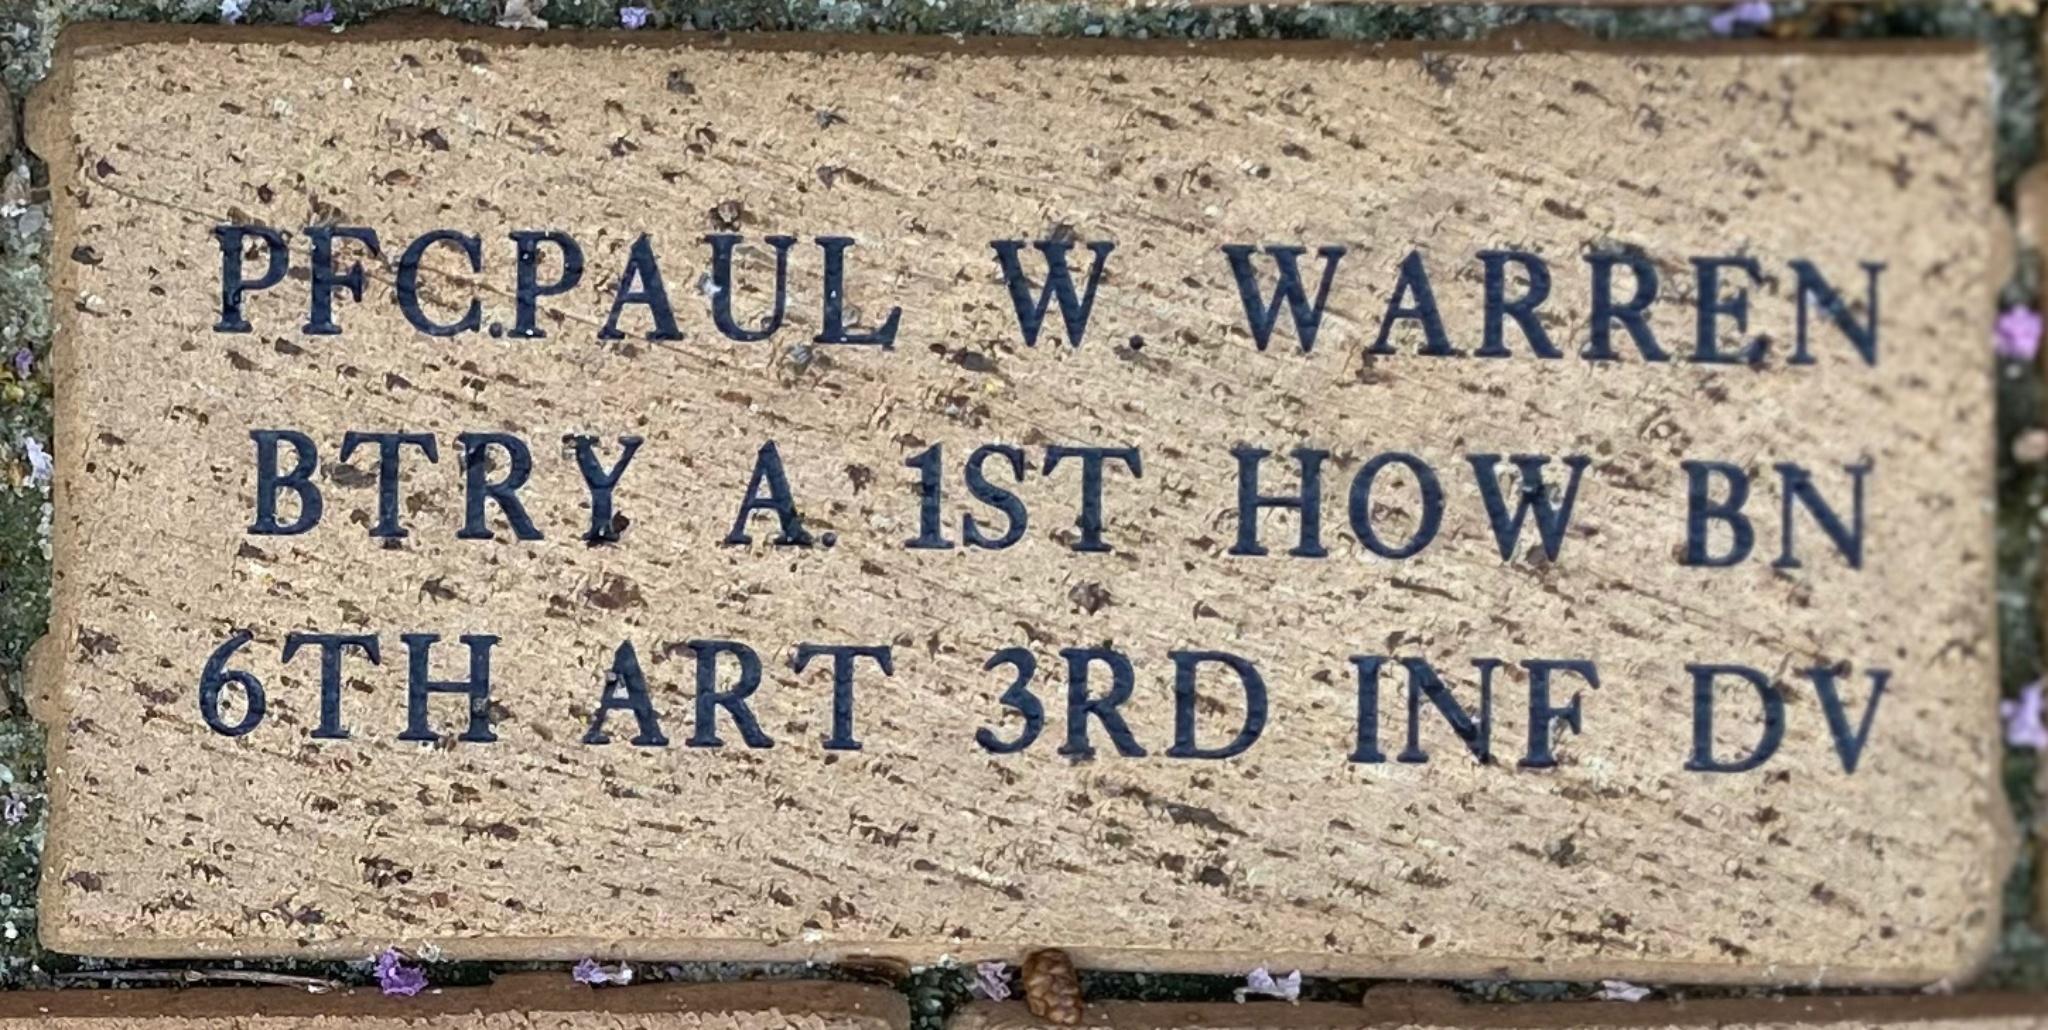 PFC.PAUL W. WARREN BTRY A 1ST HOW BN 6TH ART 3RD INF DIV